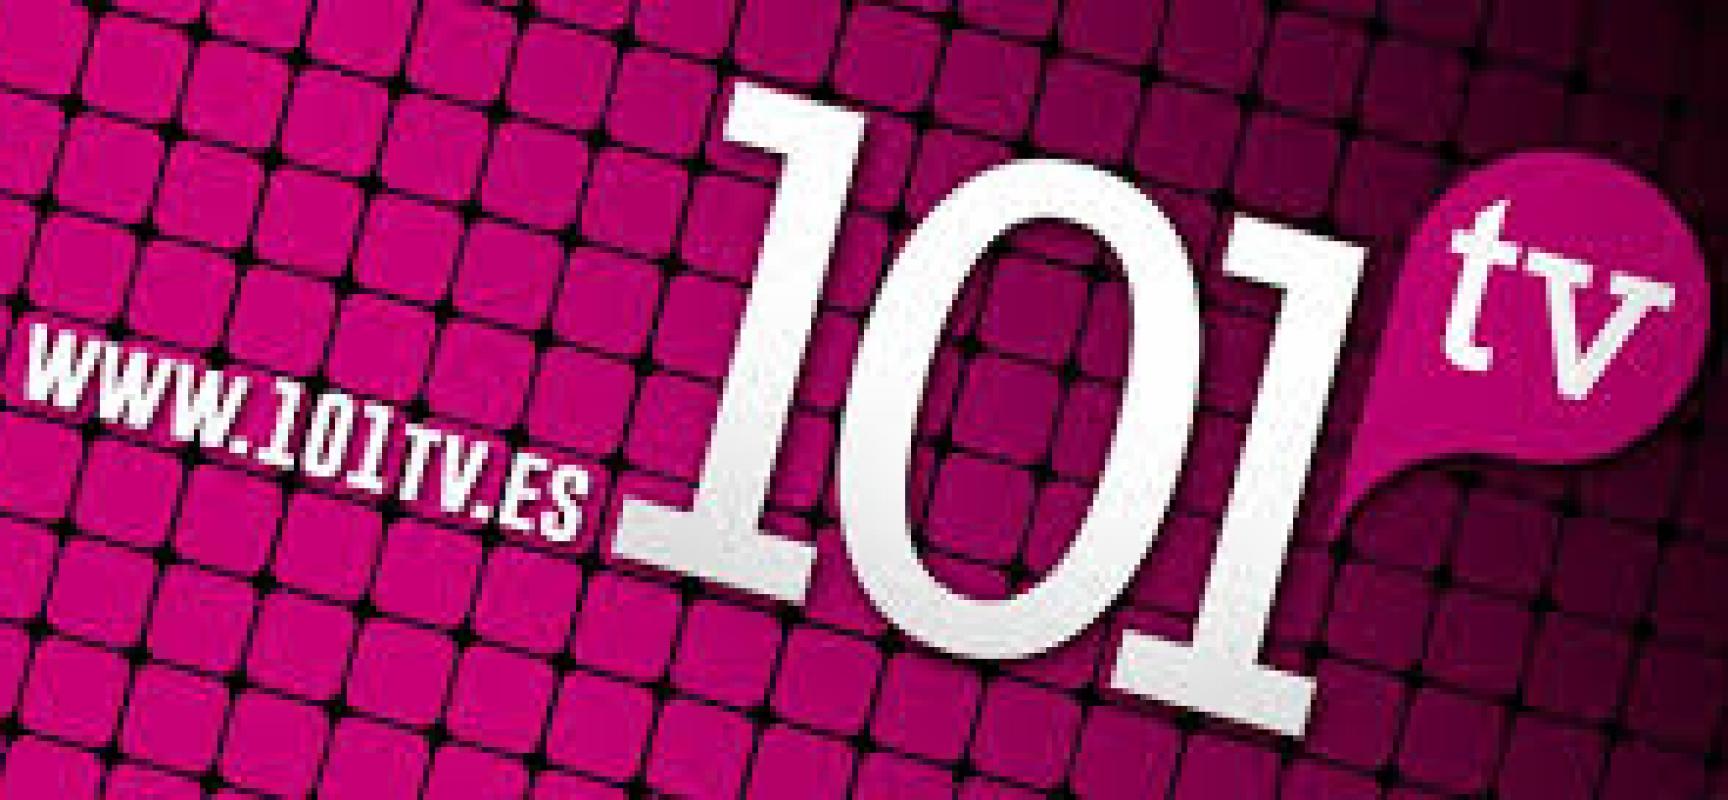 Nuestro programa de radio visita 101TV